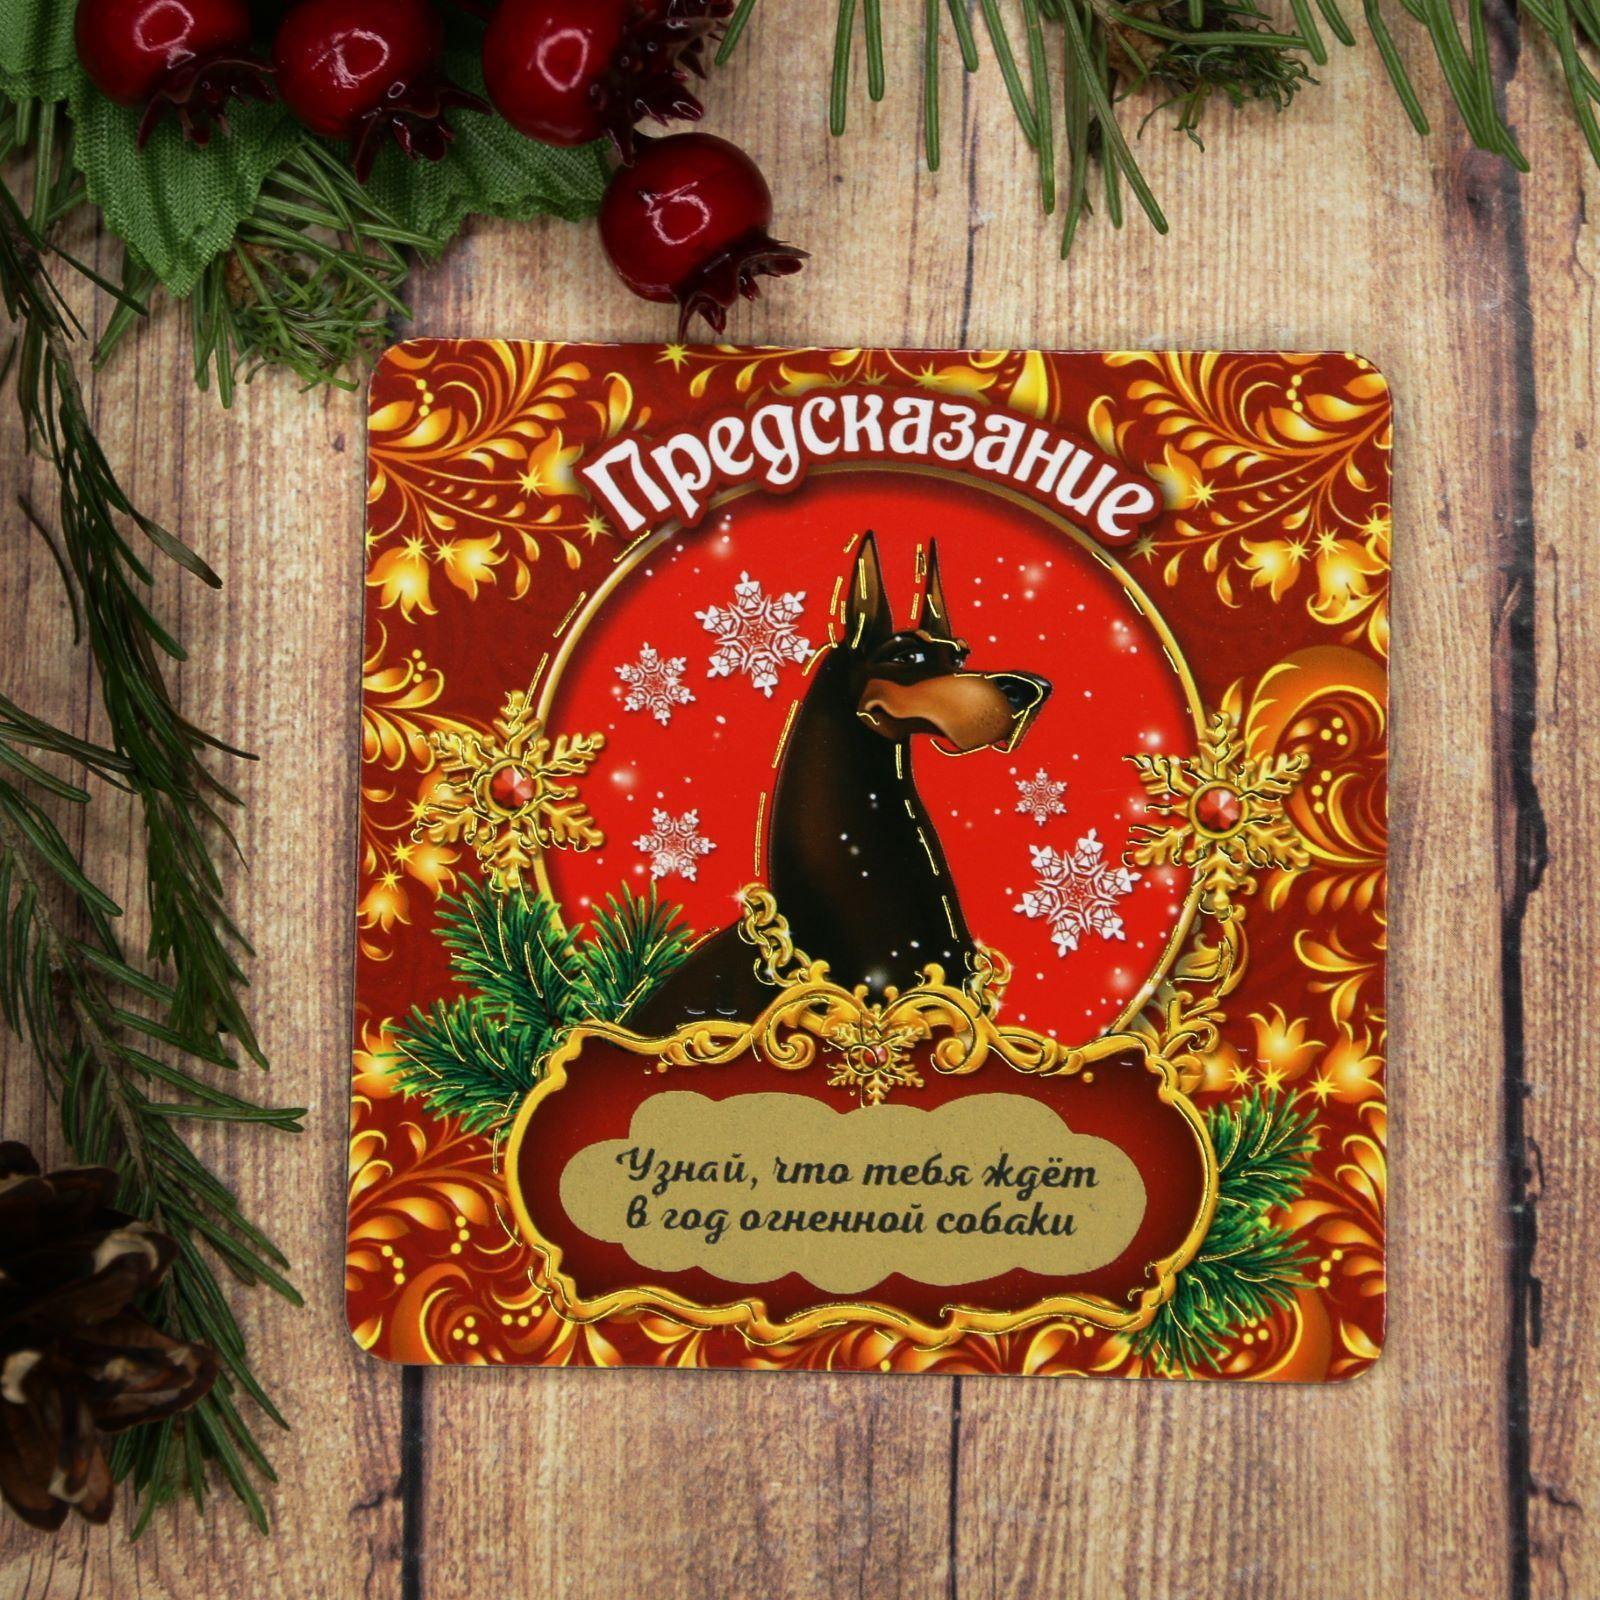 Магнит Sima-land Год огненной собаки, со скретч-слоем, 8 х 8 см1989277Порадуйте родных и близких оригинальным сувениром: преподнесите в подарок магнит. С ним даже самый серьёзный человек почувствует себя ребёнком, ожидающим чудо! Создайте праздничное настроение, и оно останется с вами на весь год.